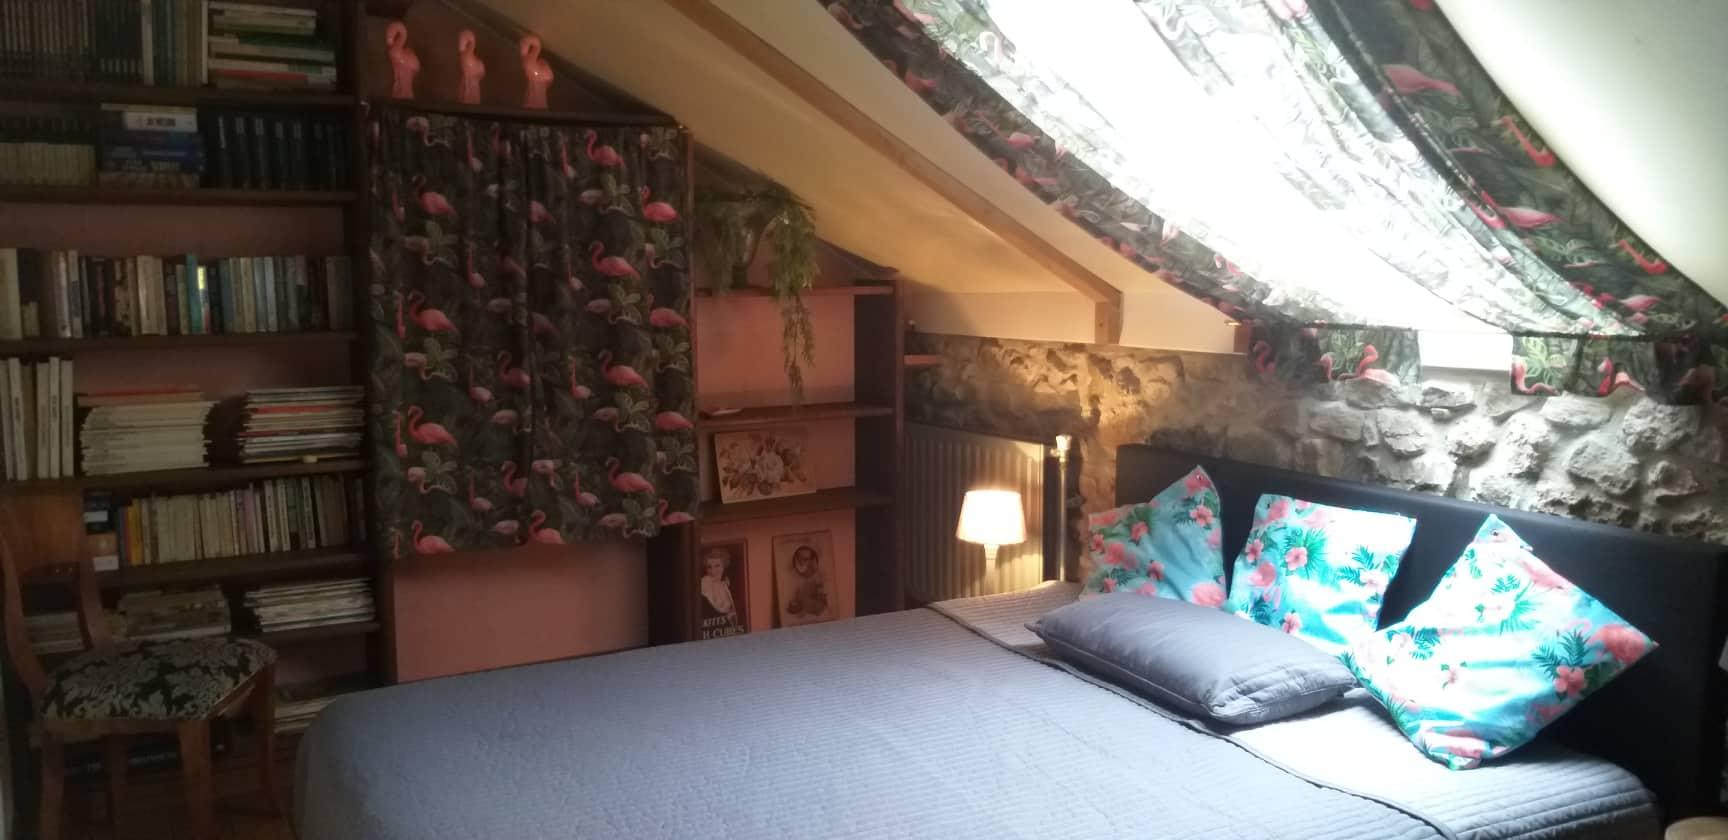 2de slaapkamer